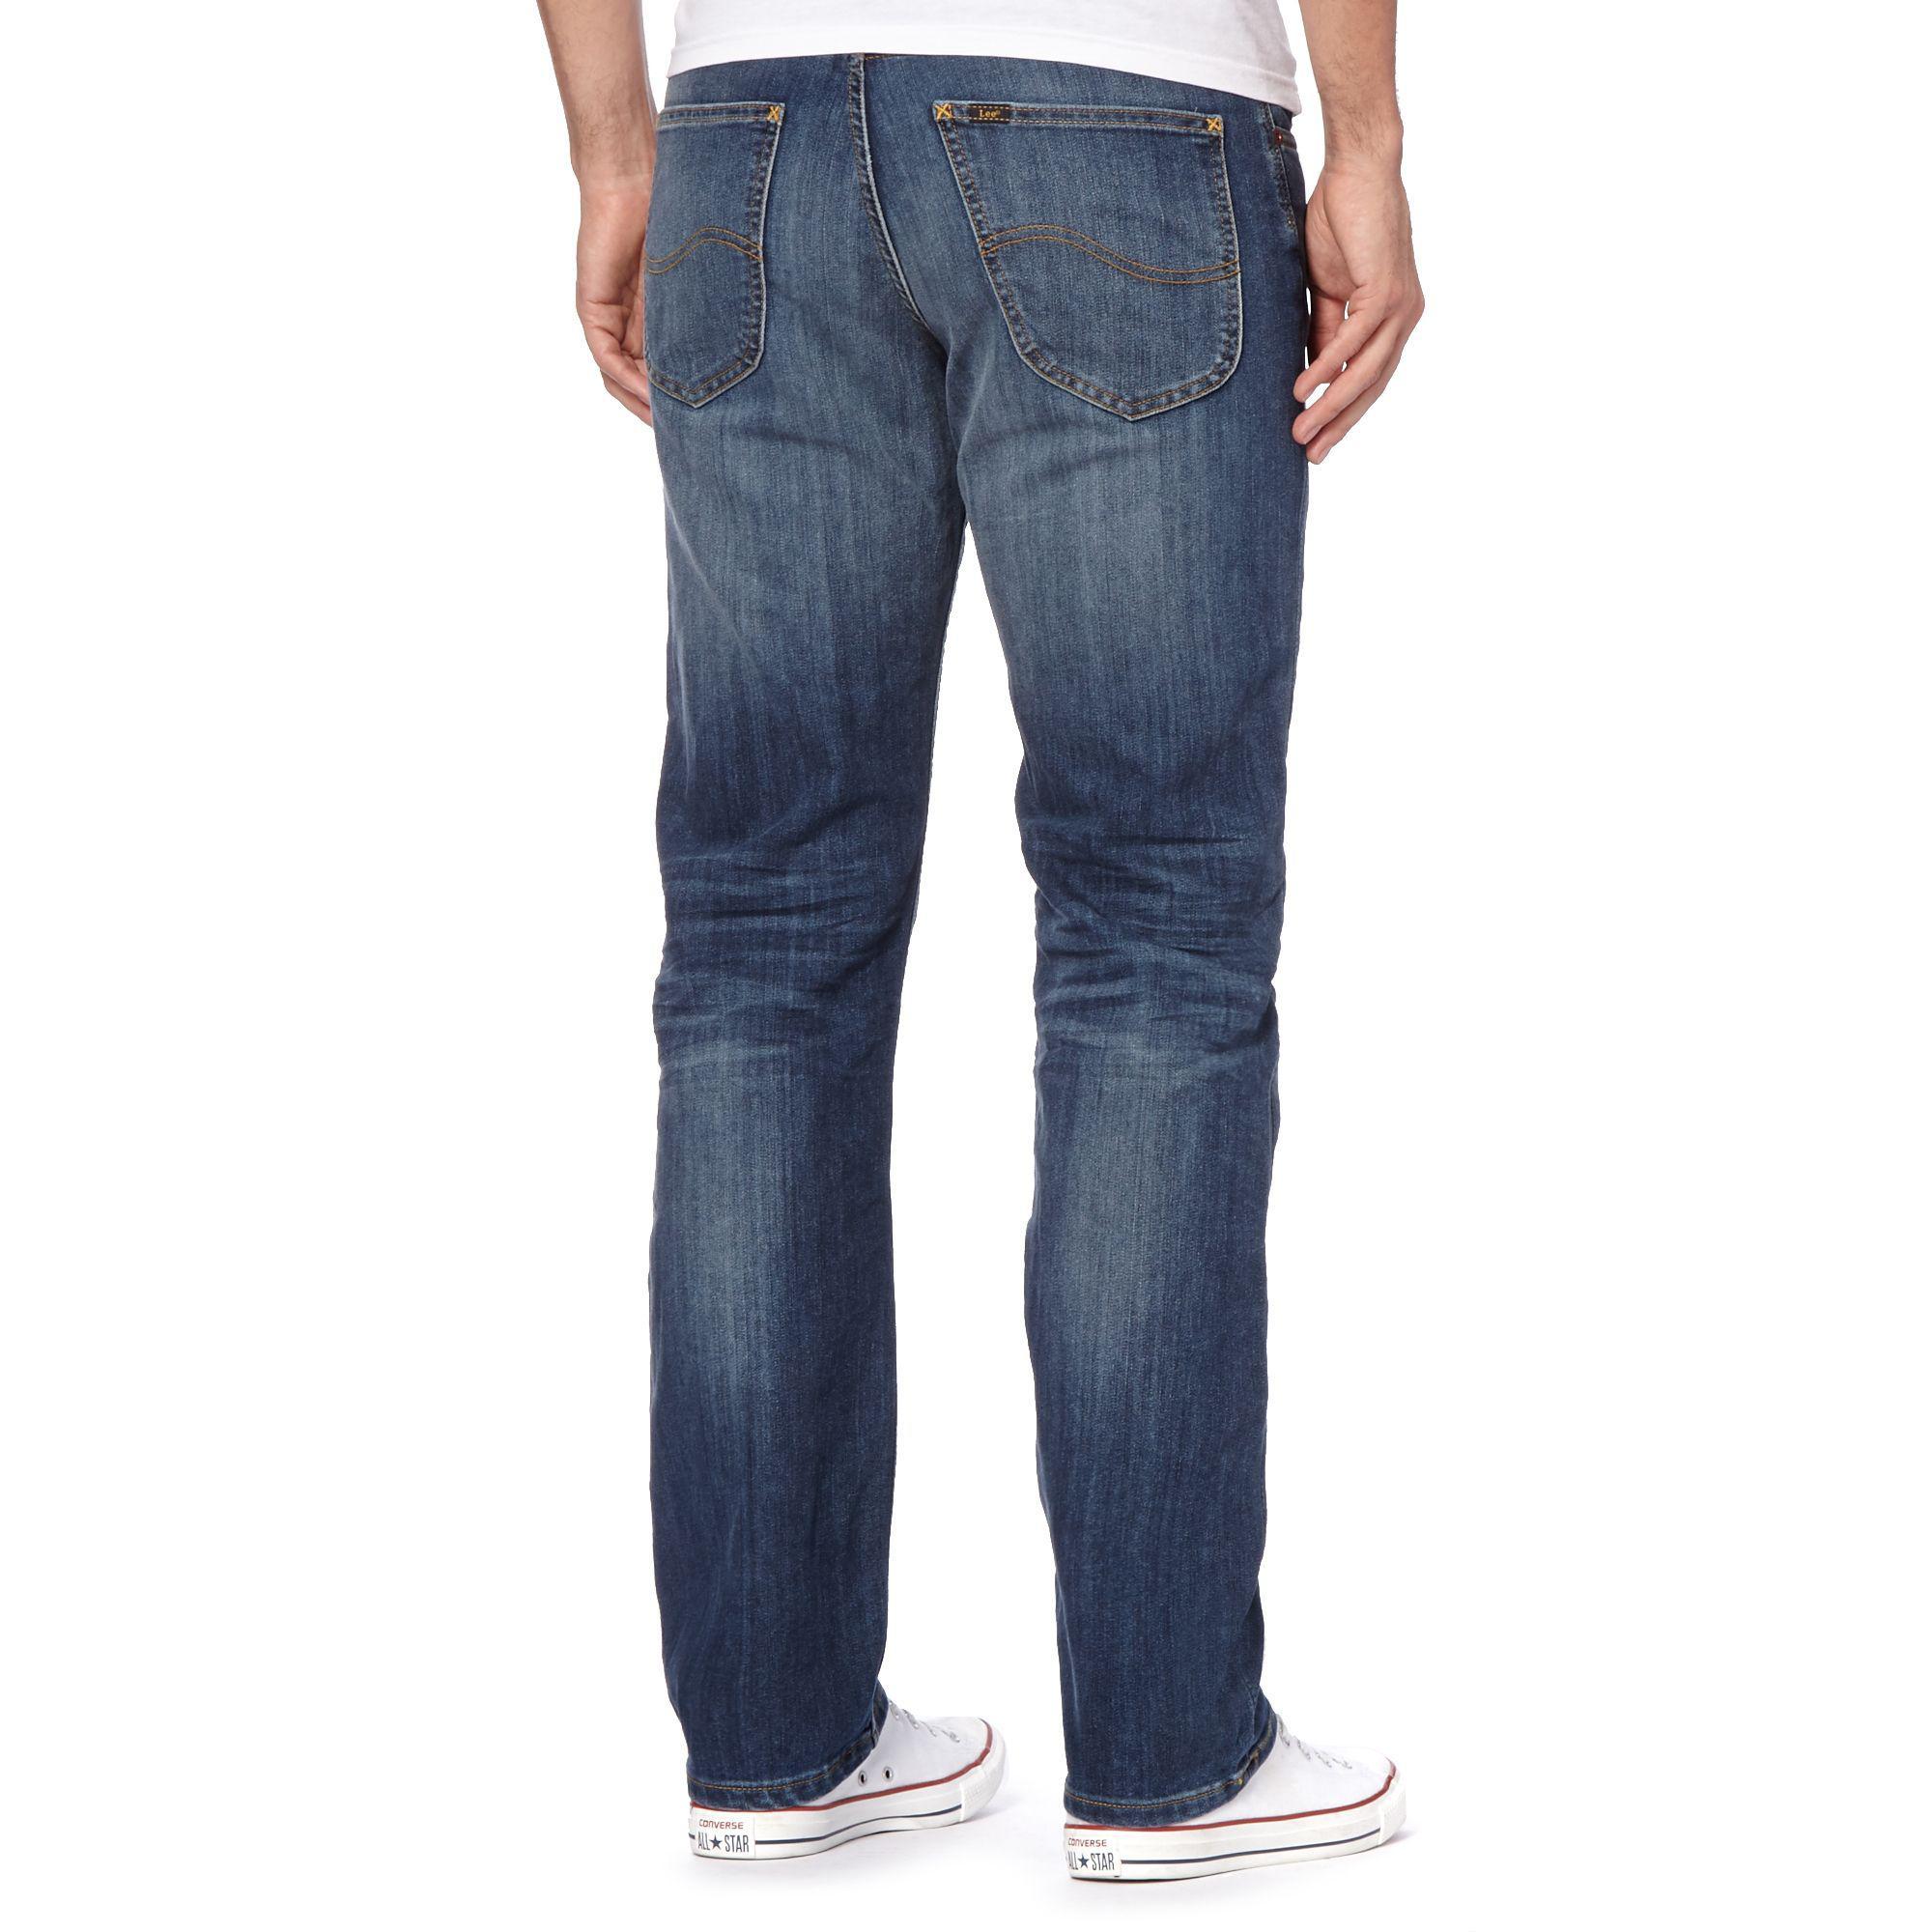 Lee Jeans Denim Blue Stone Wash 'brooklyn' Regular Fit Jeans for Men